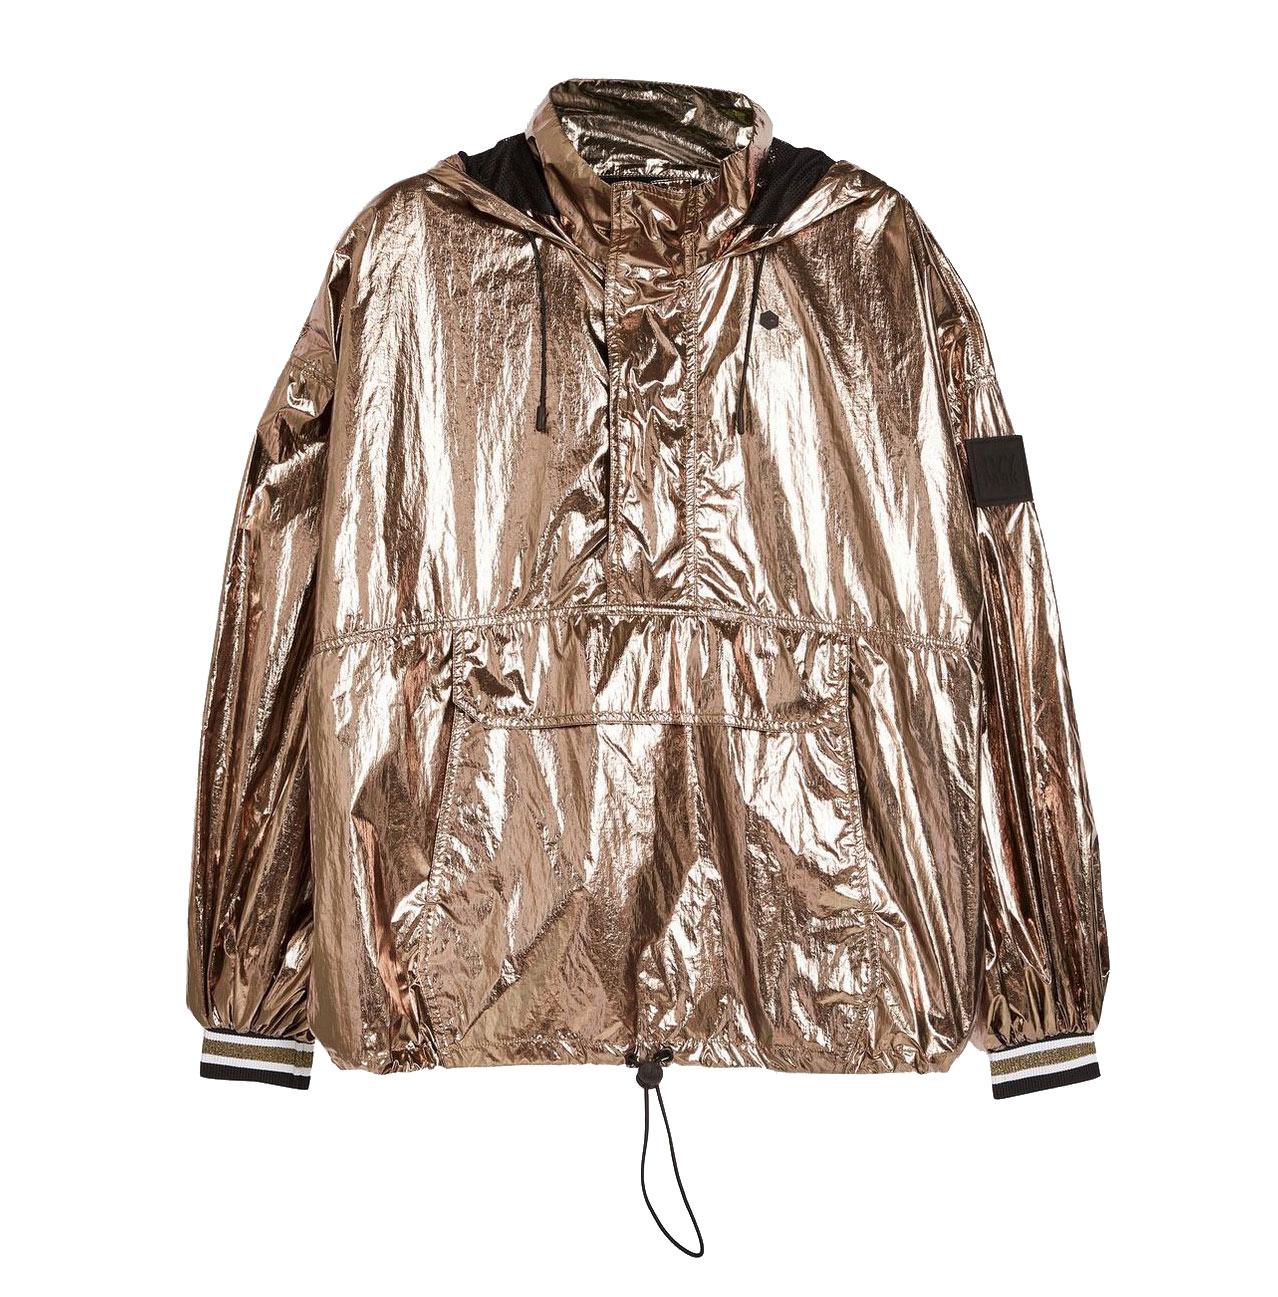 Ivy Park Zip Jacket, £85